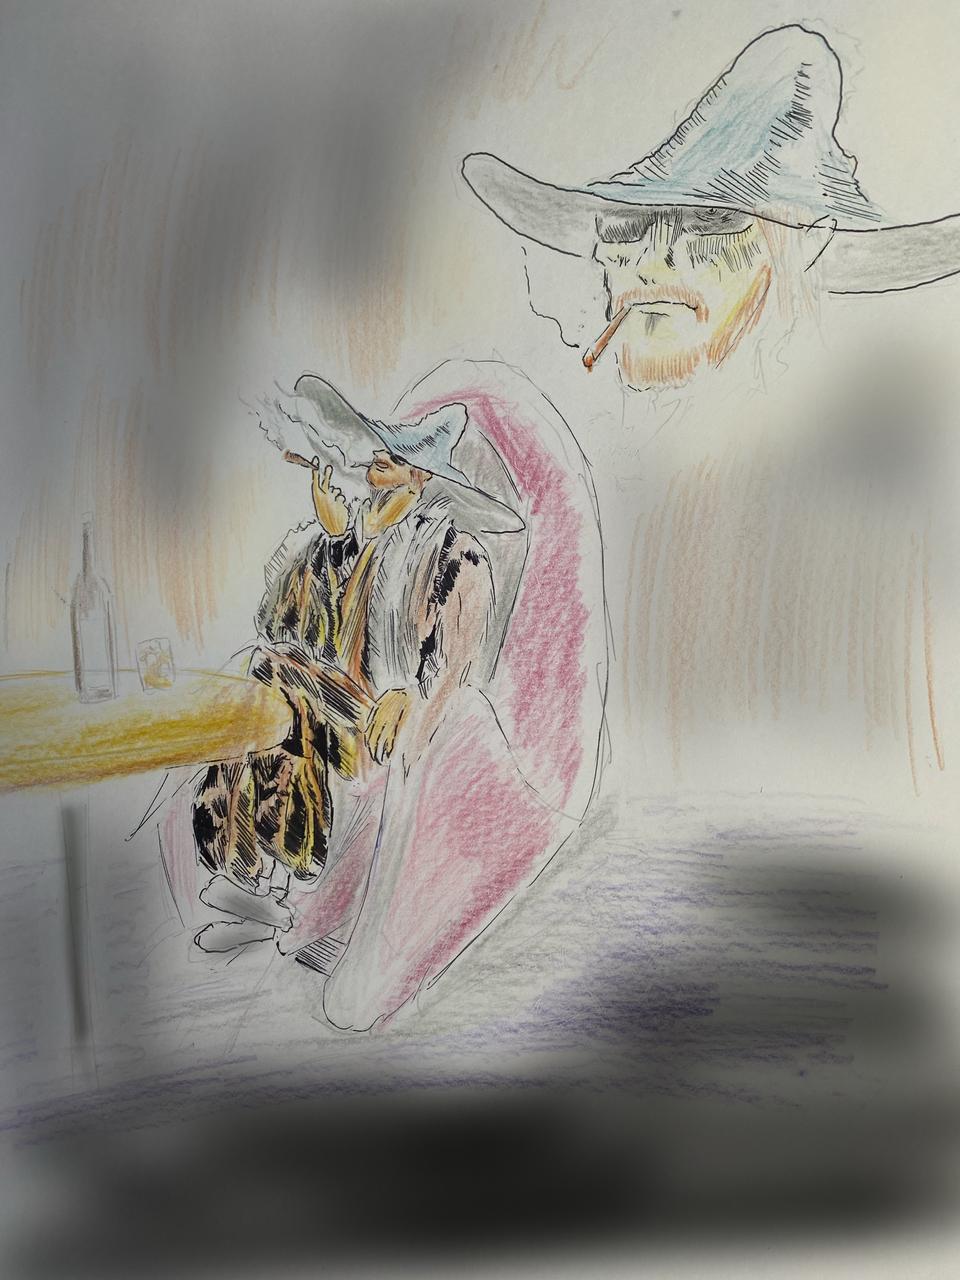 静かな夜 Illust of いちぢく night イス medibangpaint 酒 男 タバコor葉巻 モチーフはスナフキン